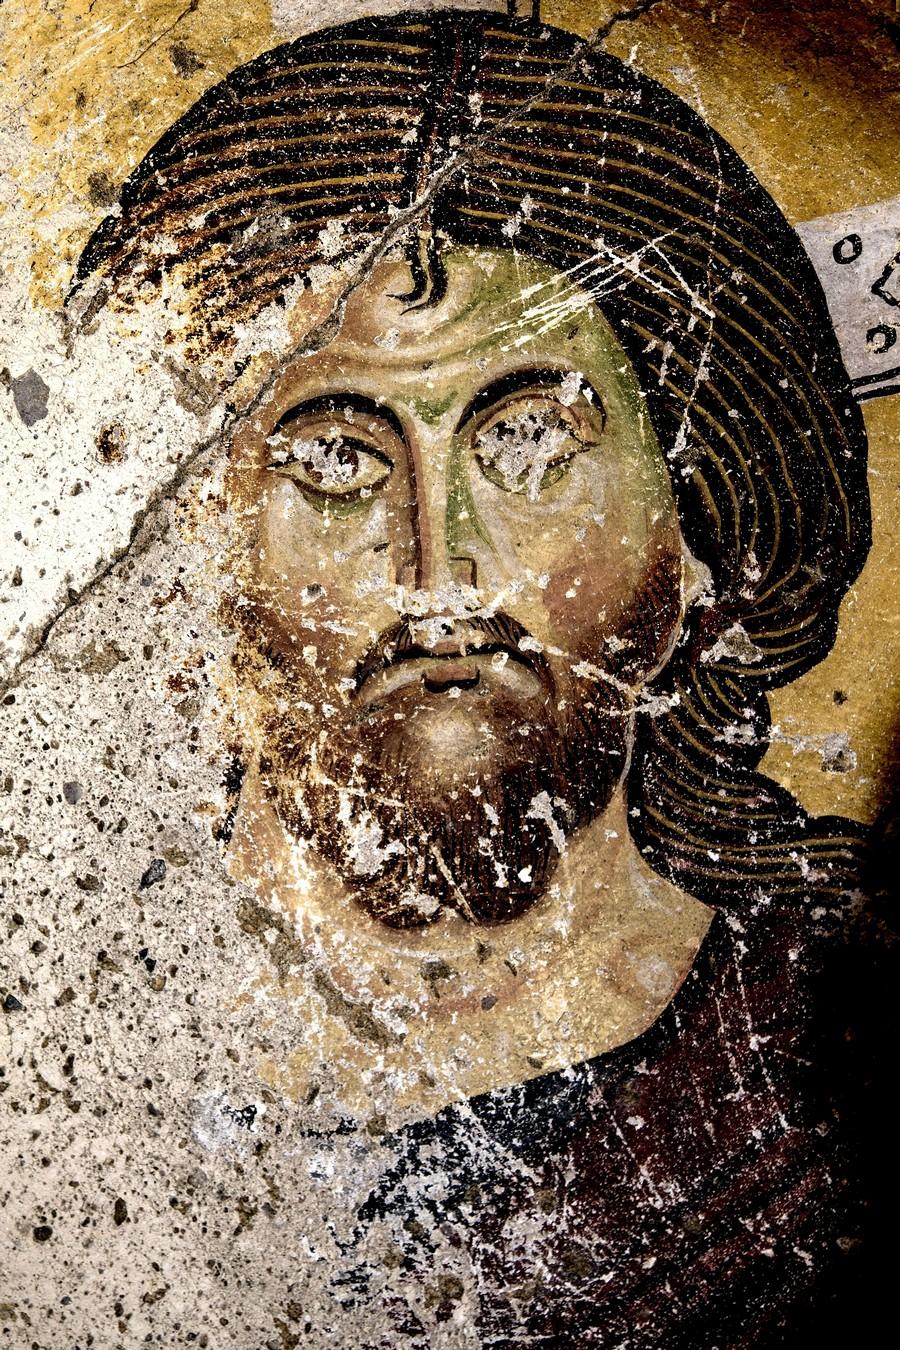 Христос Пантократор. Византийская фреска. Ортахисар, Каппадокия. Фрагмент.